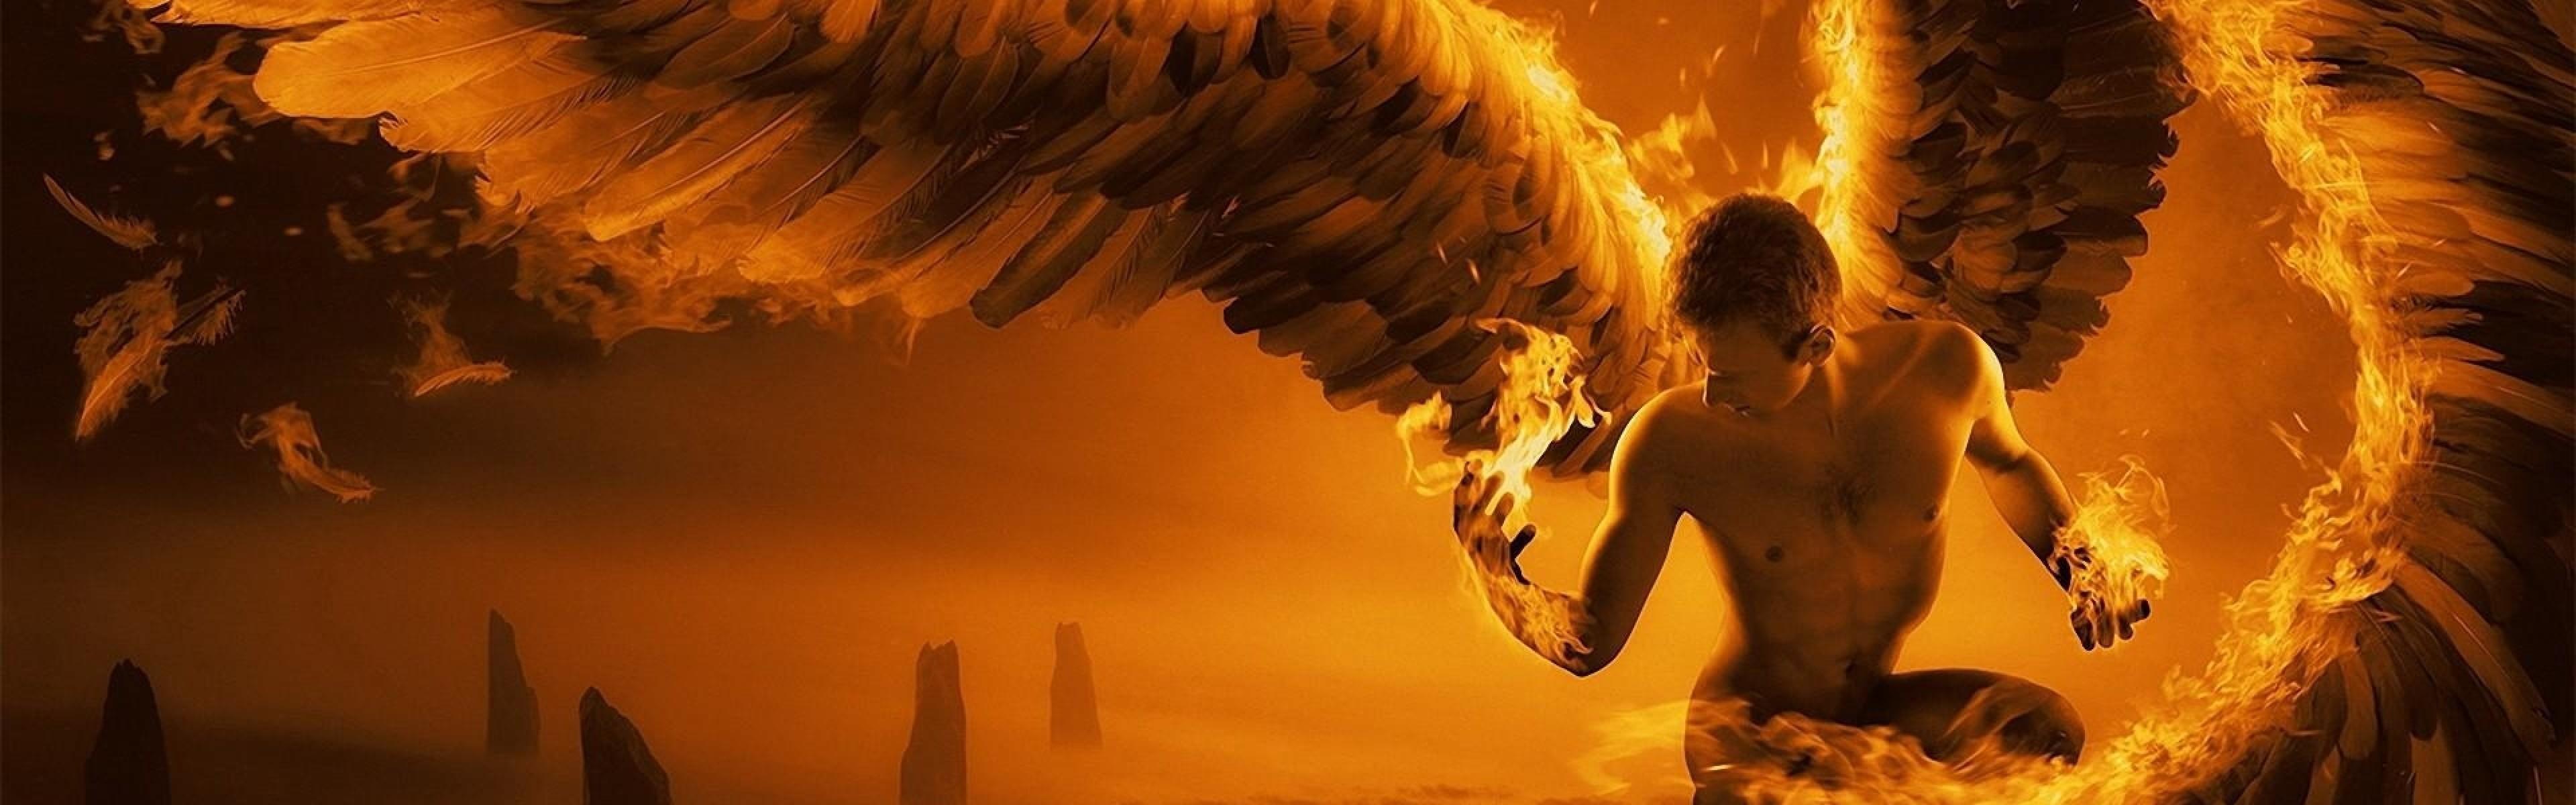 Wallpaper angel, wings, fire, fog, rocks